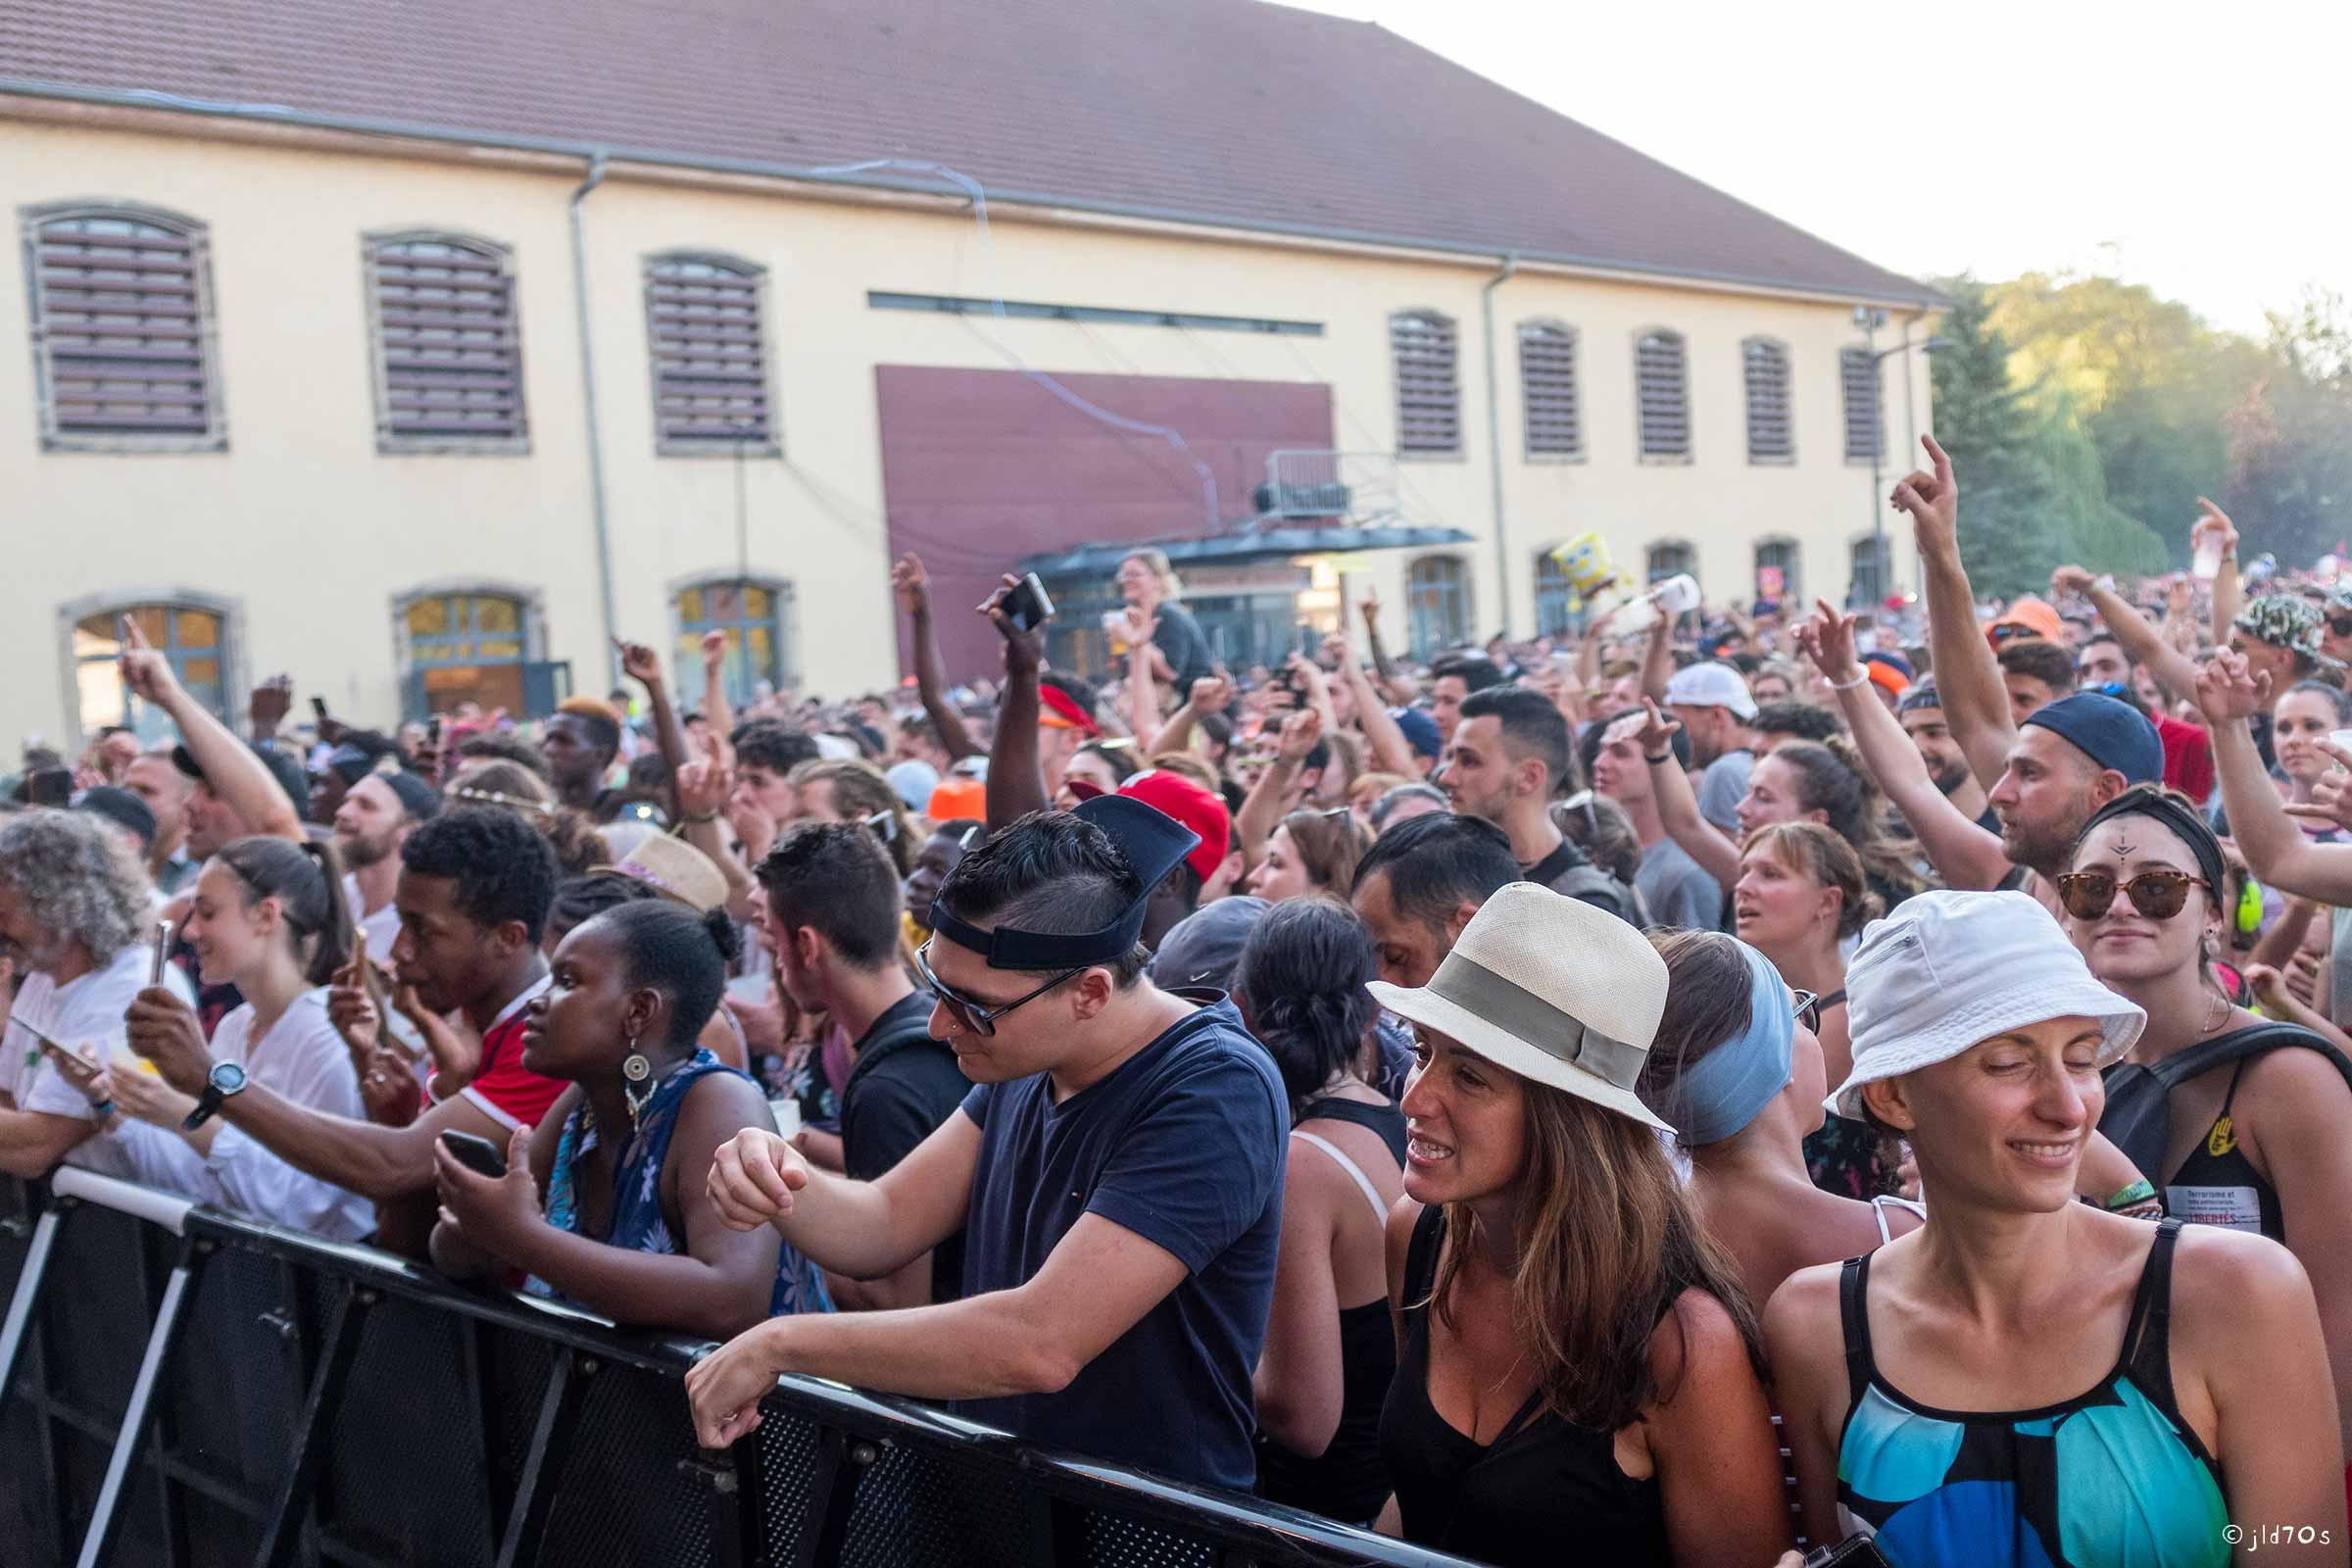 Le festival Rencontres & Racines 2020 est annulé, dans le cadre de la crise liée au nouveau coronavirus.